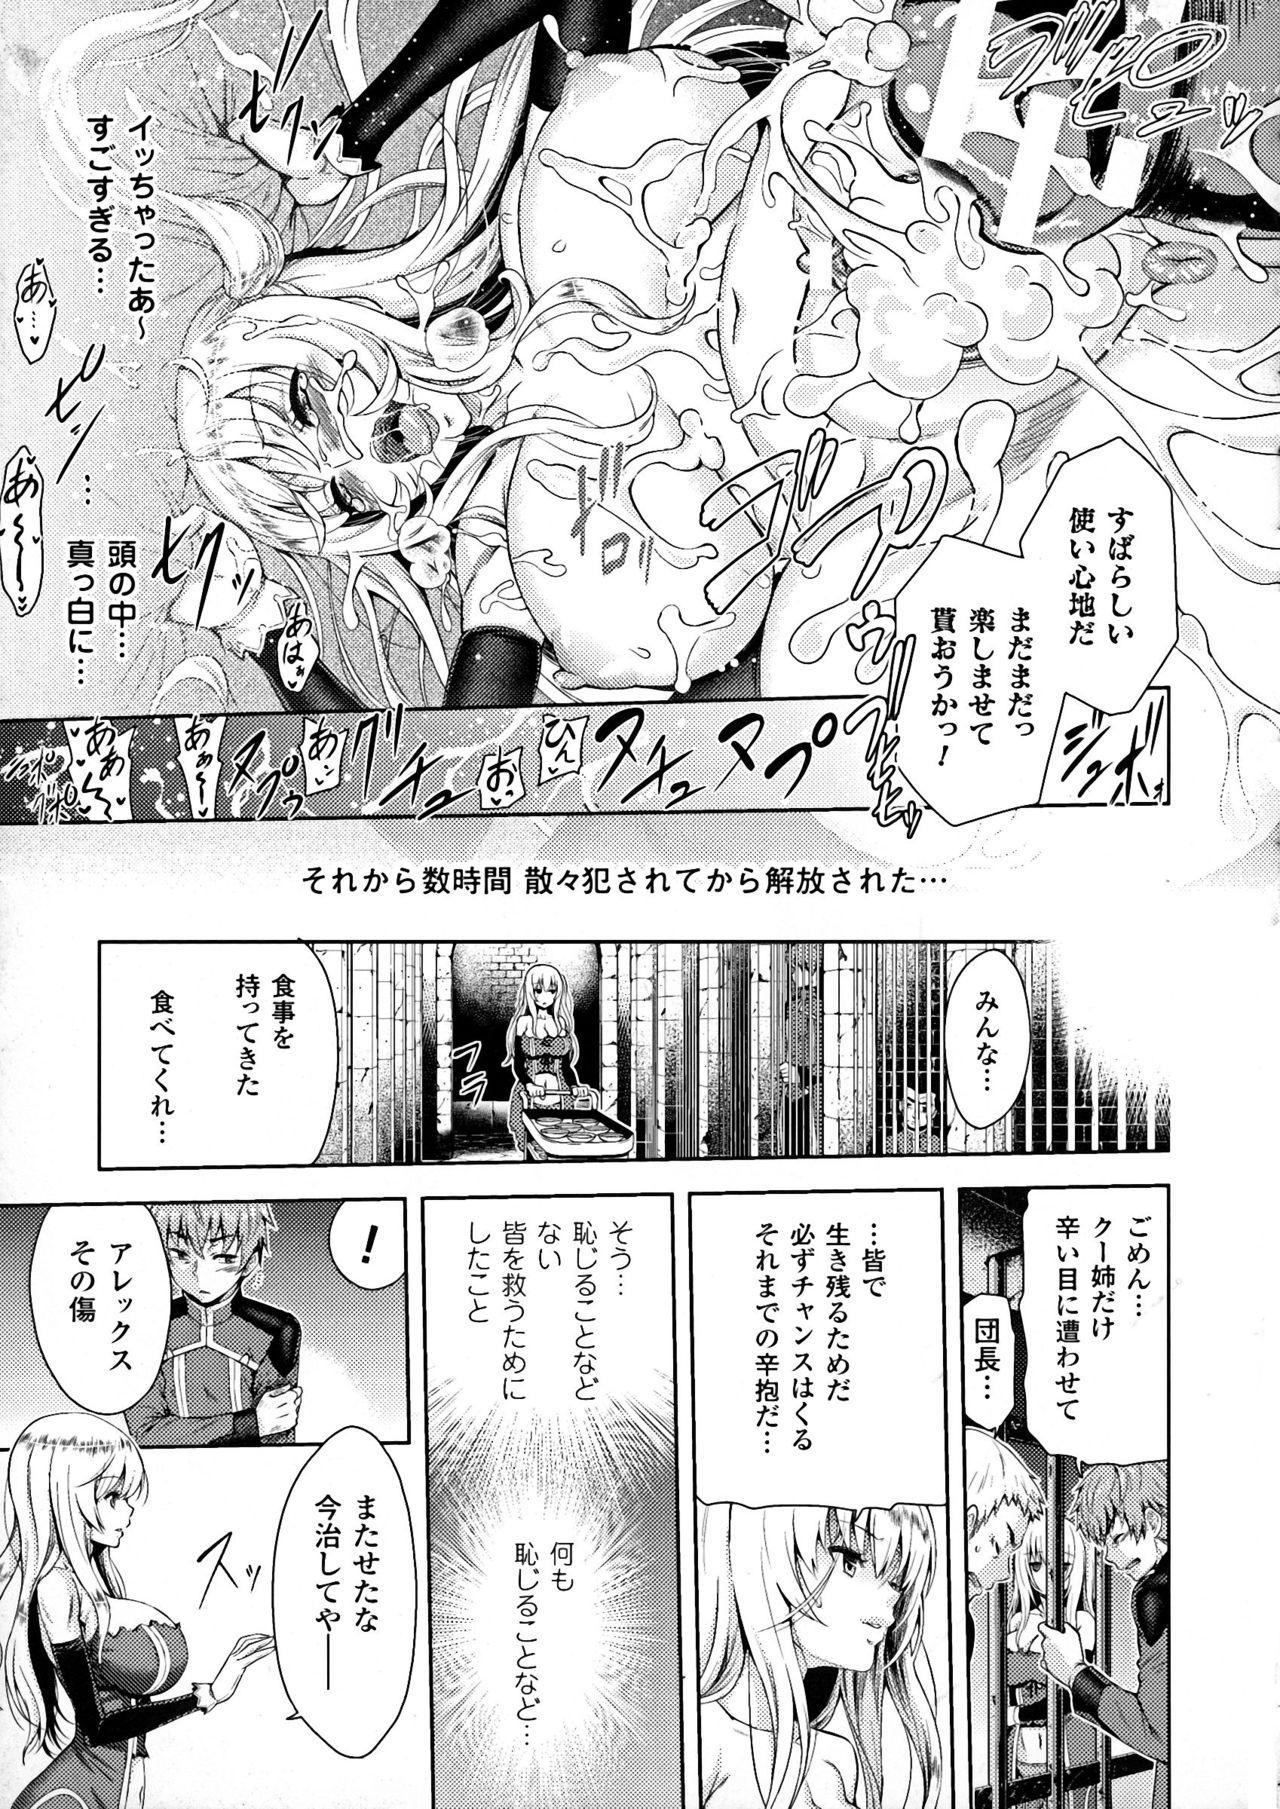 ERONA Orc no Inmon ni Okasareta Onna Kishi no Matsuro 22